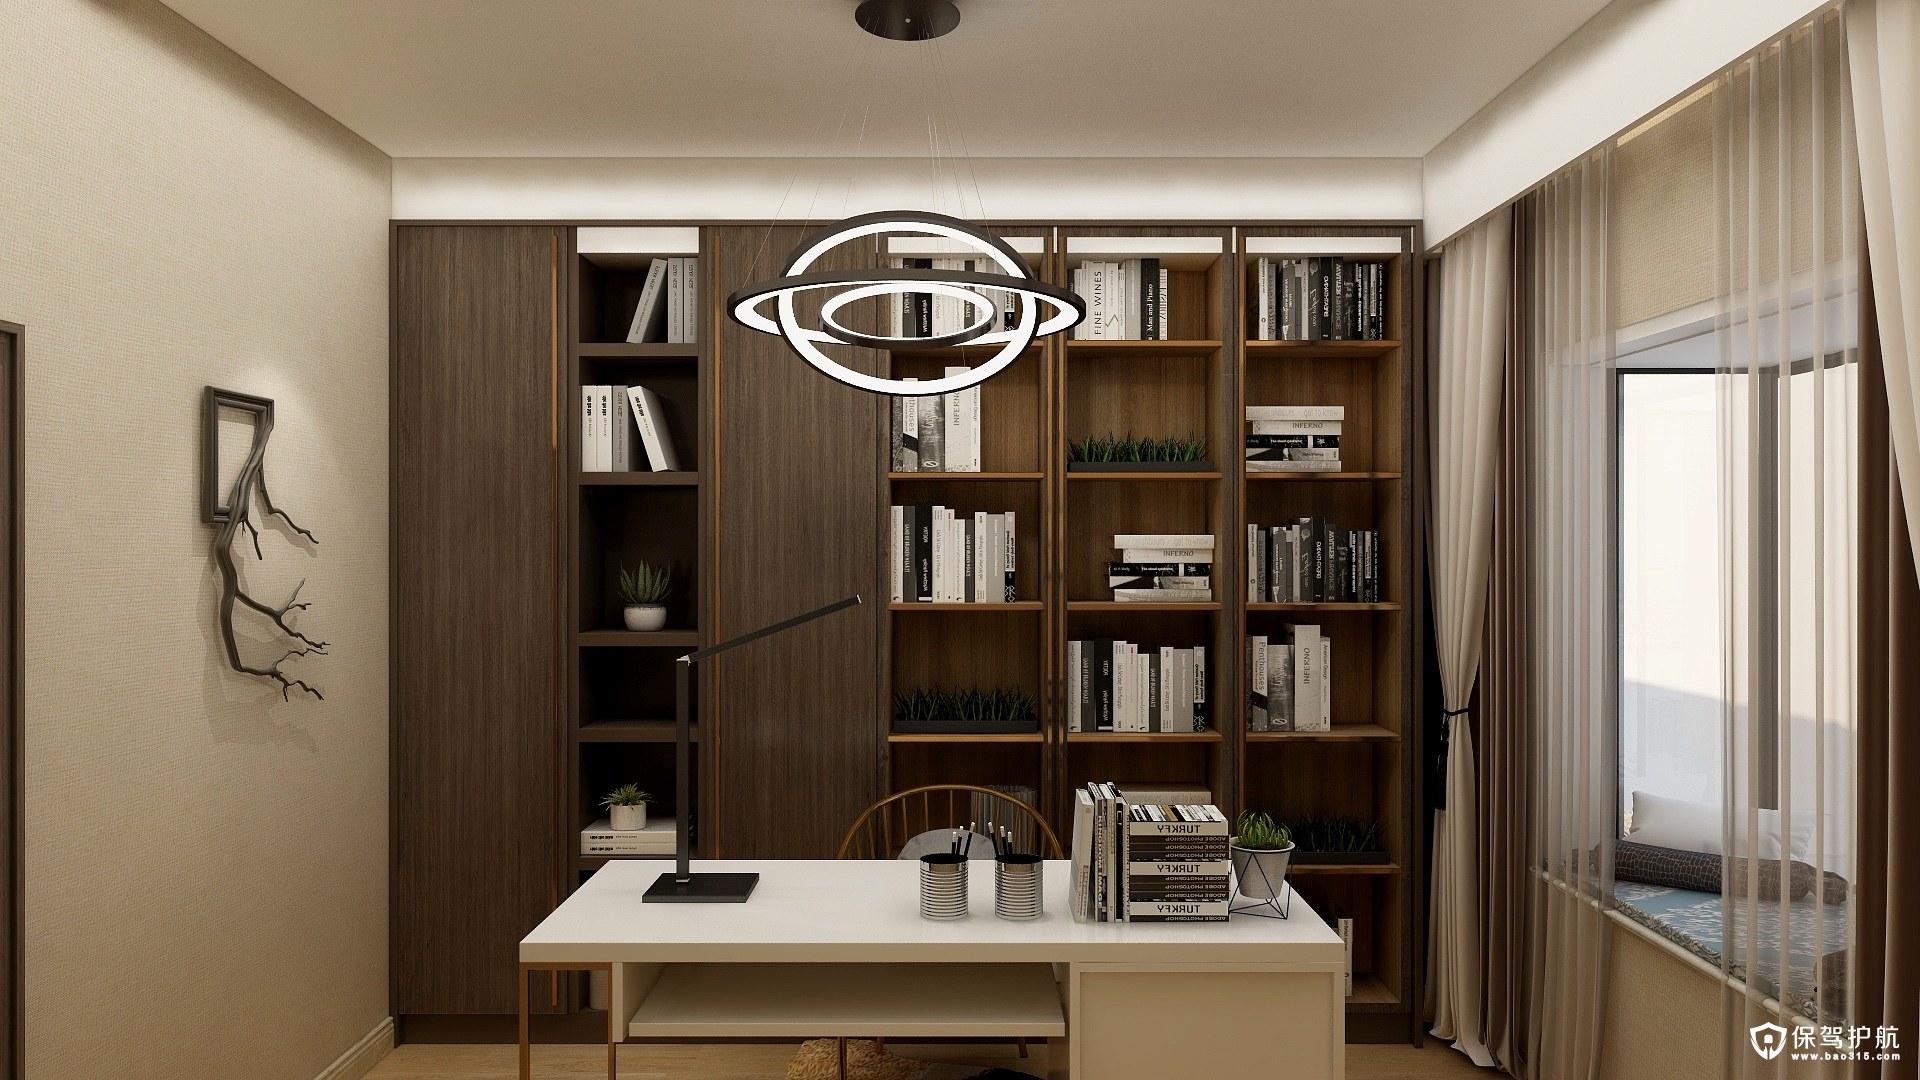 碧桂园现代风格三居室精装房改造效果图